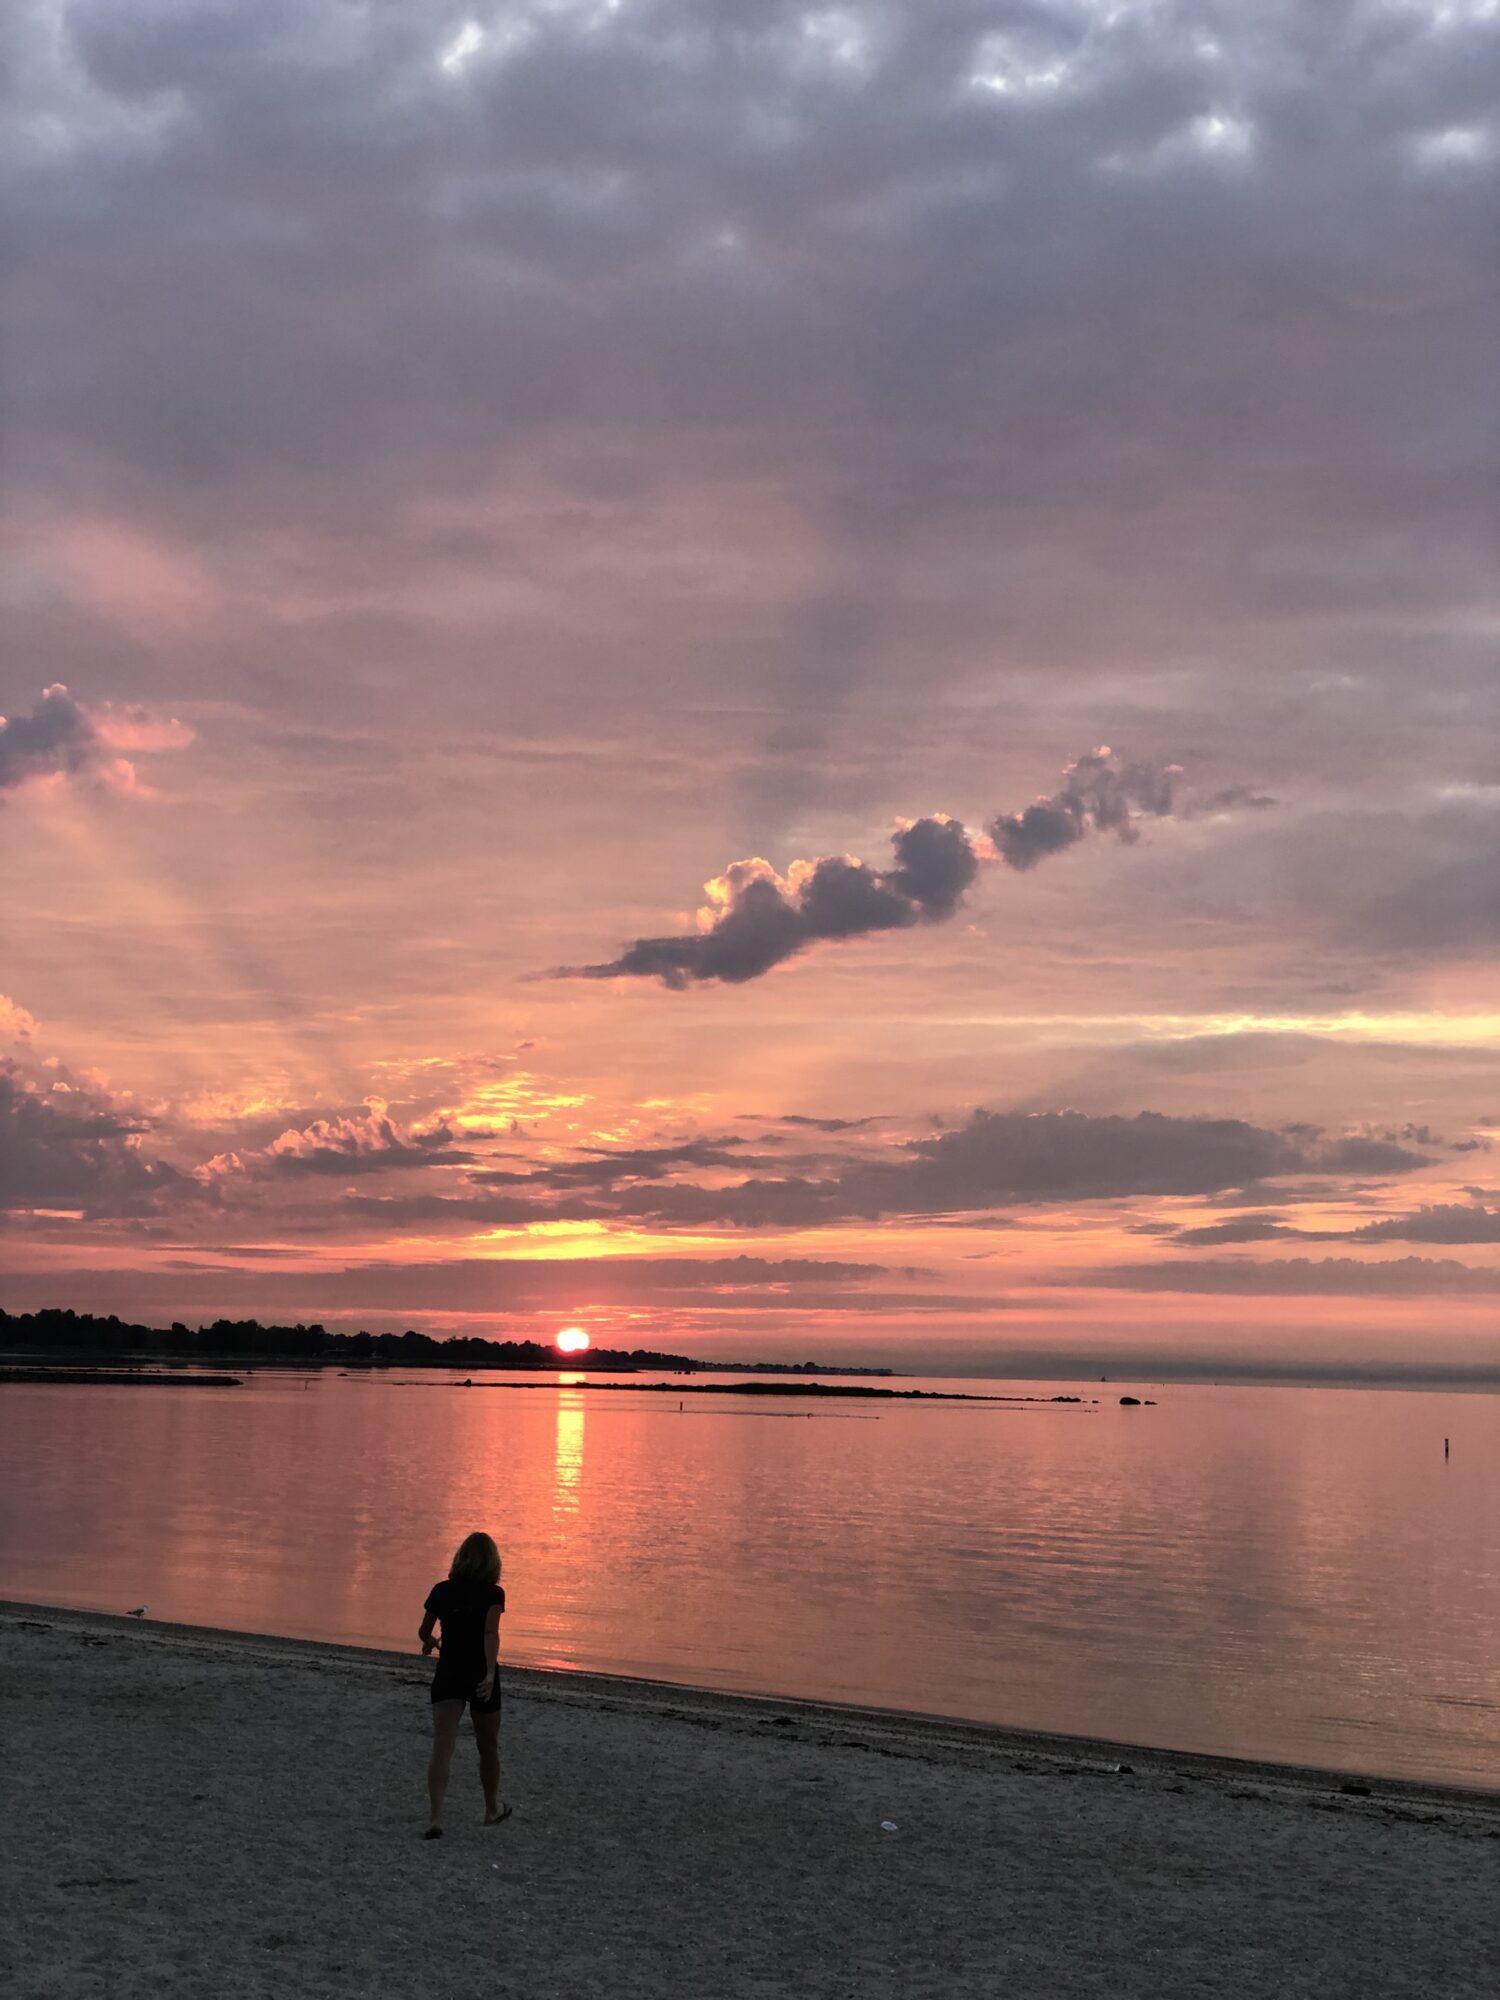 pink sky rising over ocean